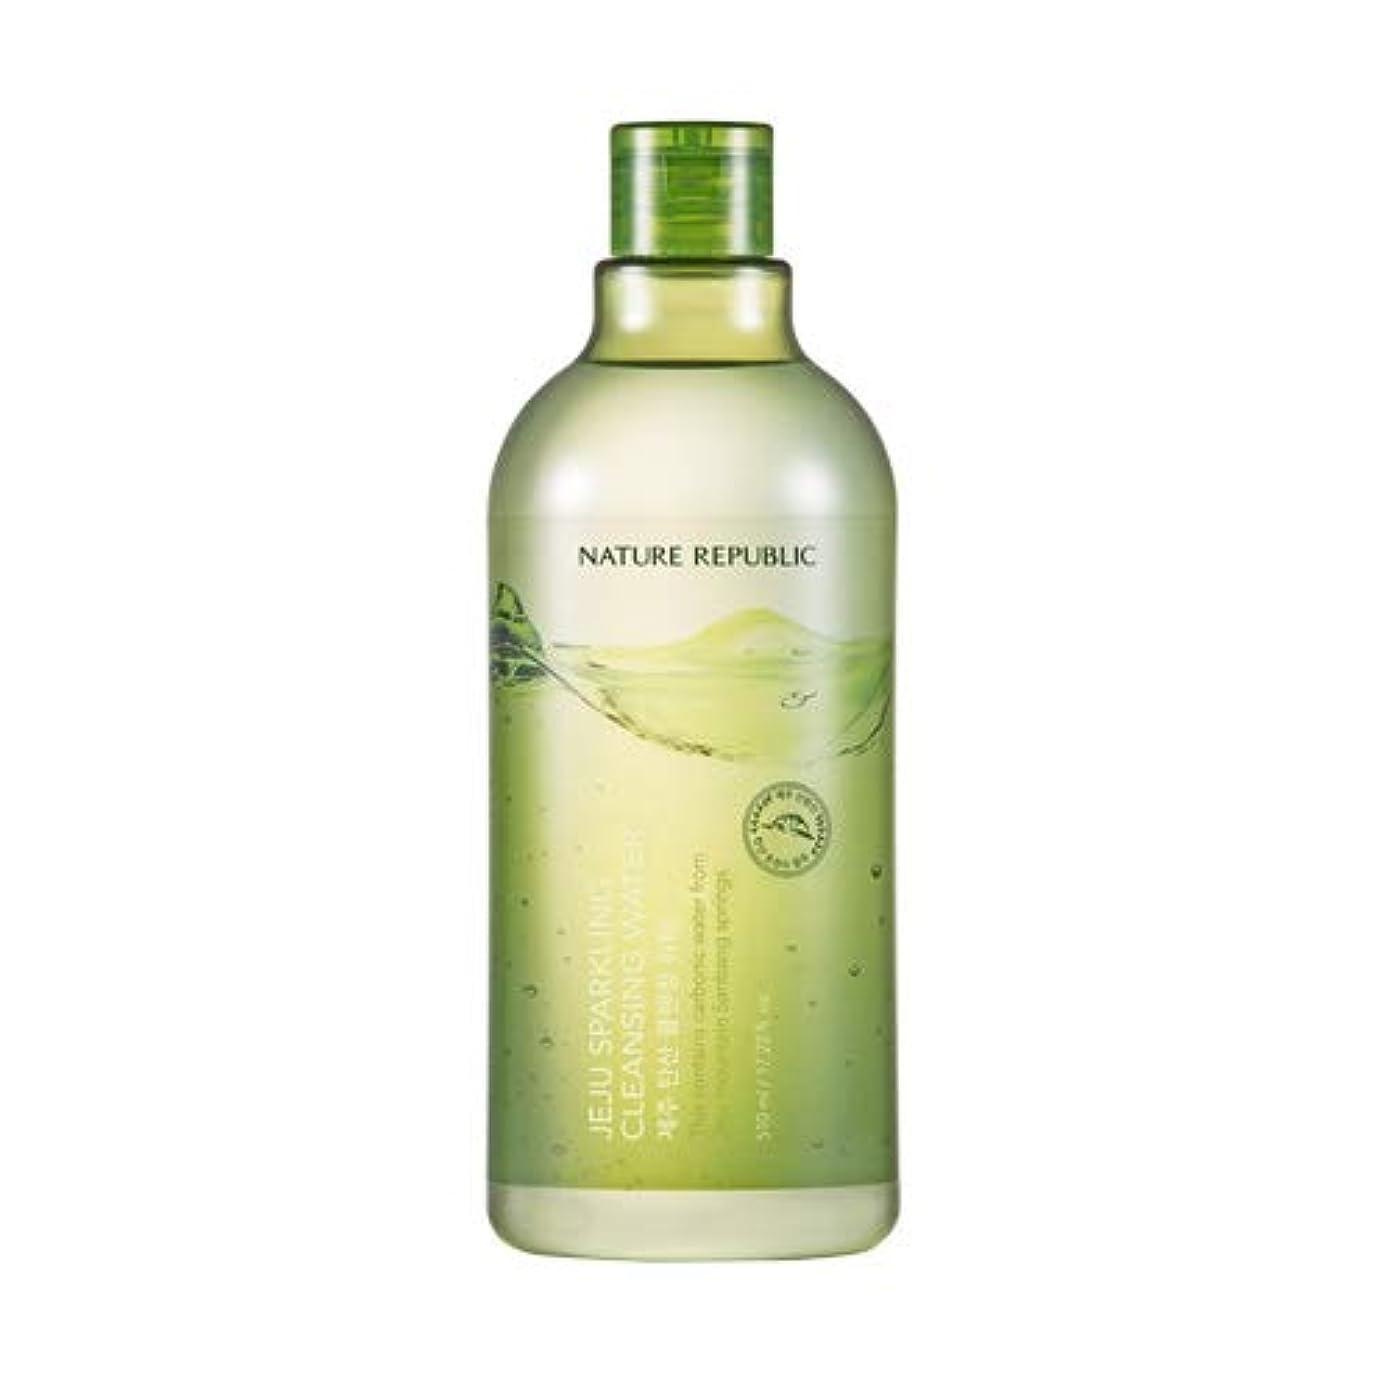 手荷物花に水をやるうなり声Nature republic Jeju Sparkling(Carbonic) Cleansing Water ネイチャーリパブリック済州炭酸クレンジングウォーター 510ml [並行輸入品]